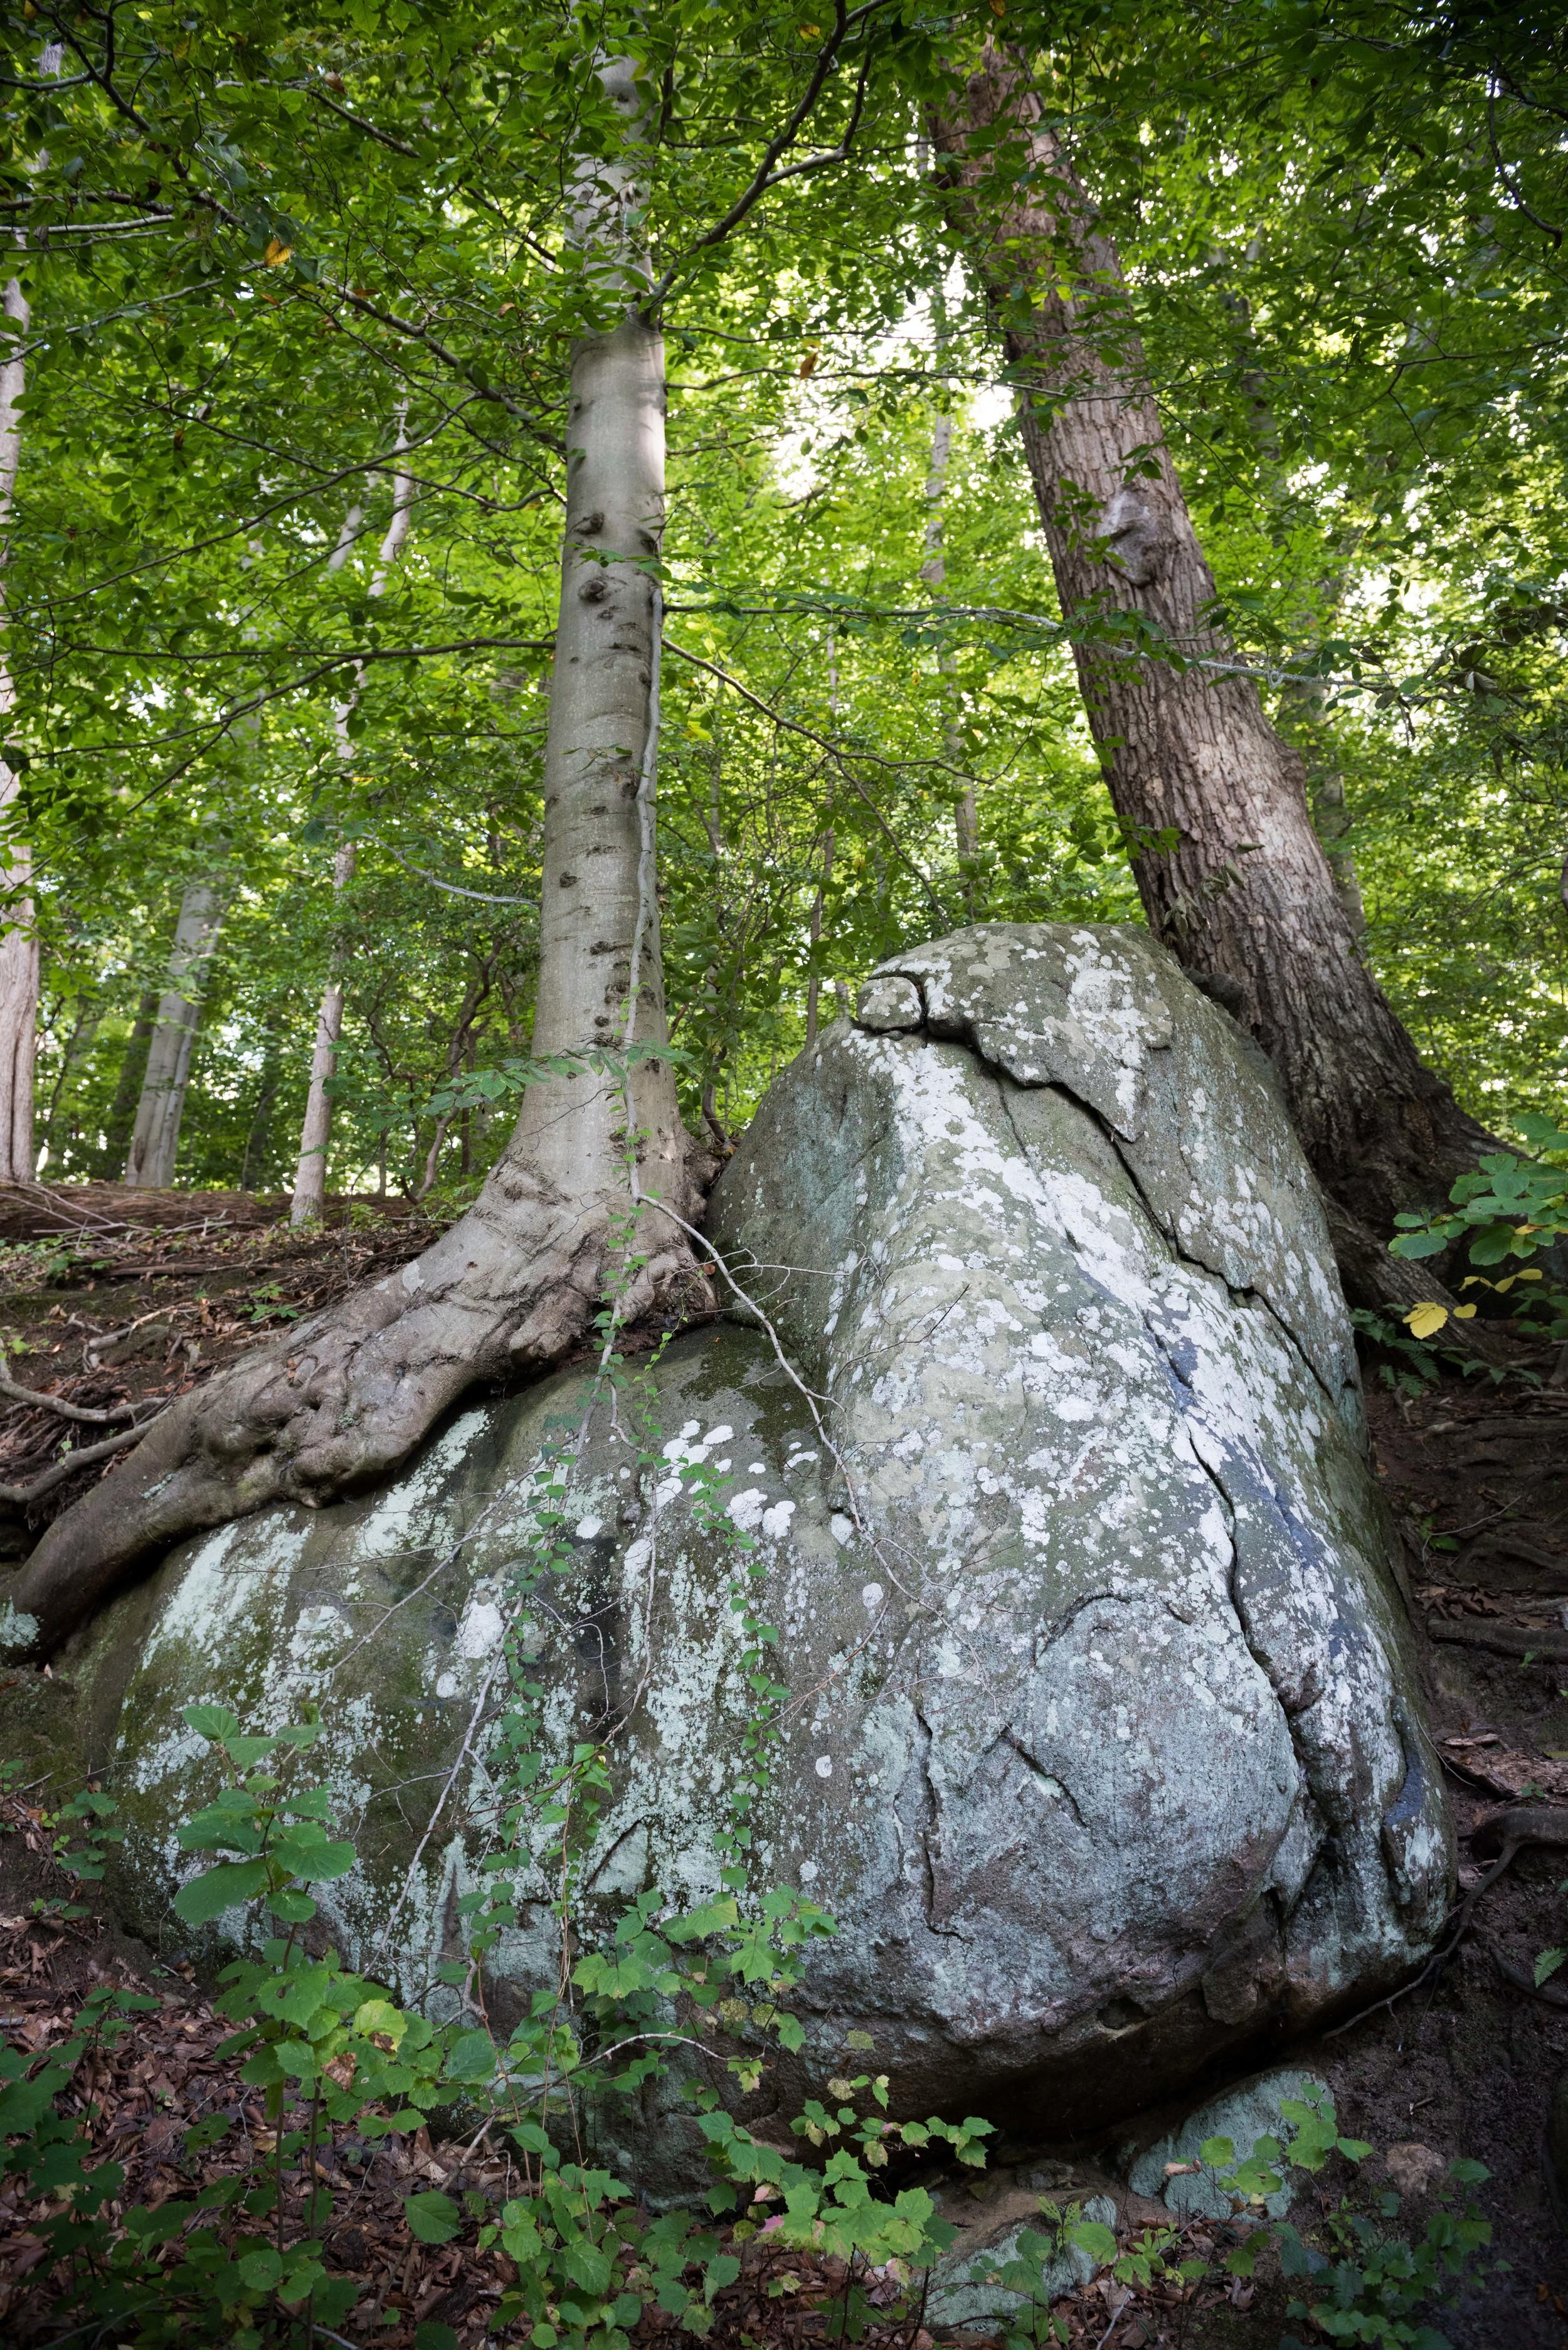 rock-creek-park-washington-dc-2